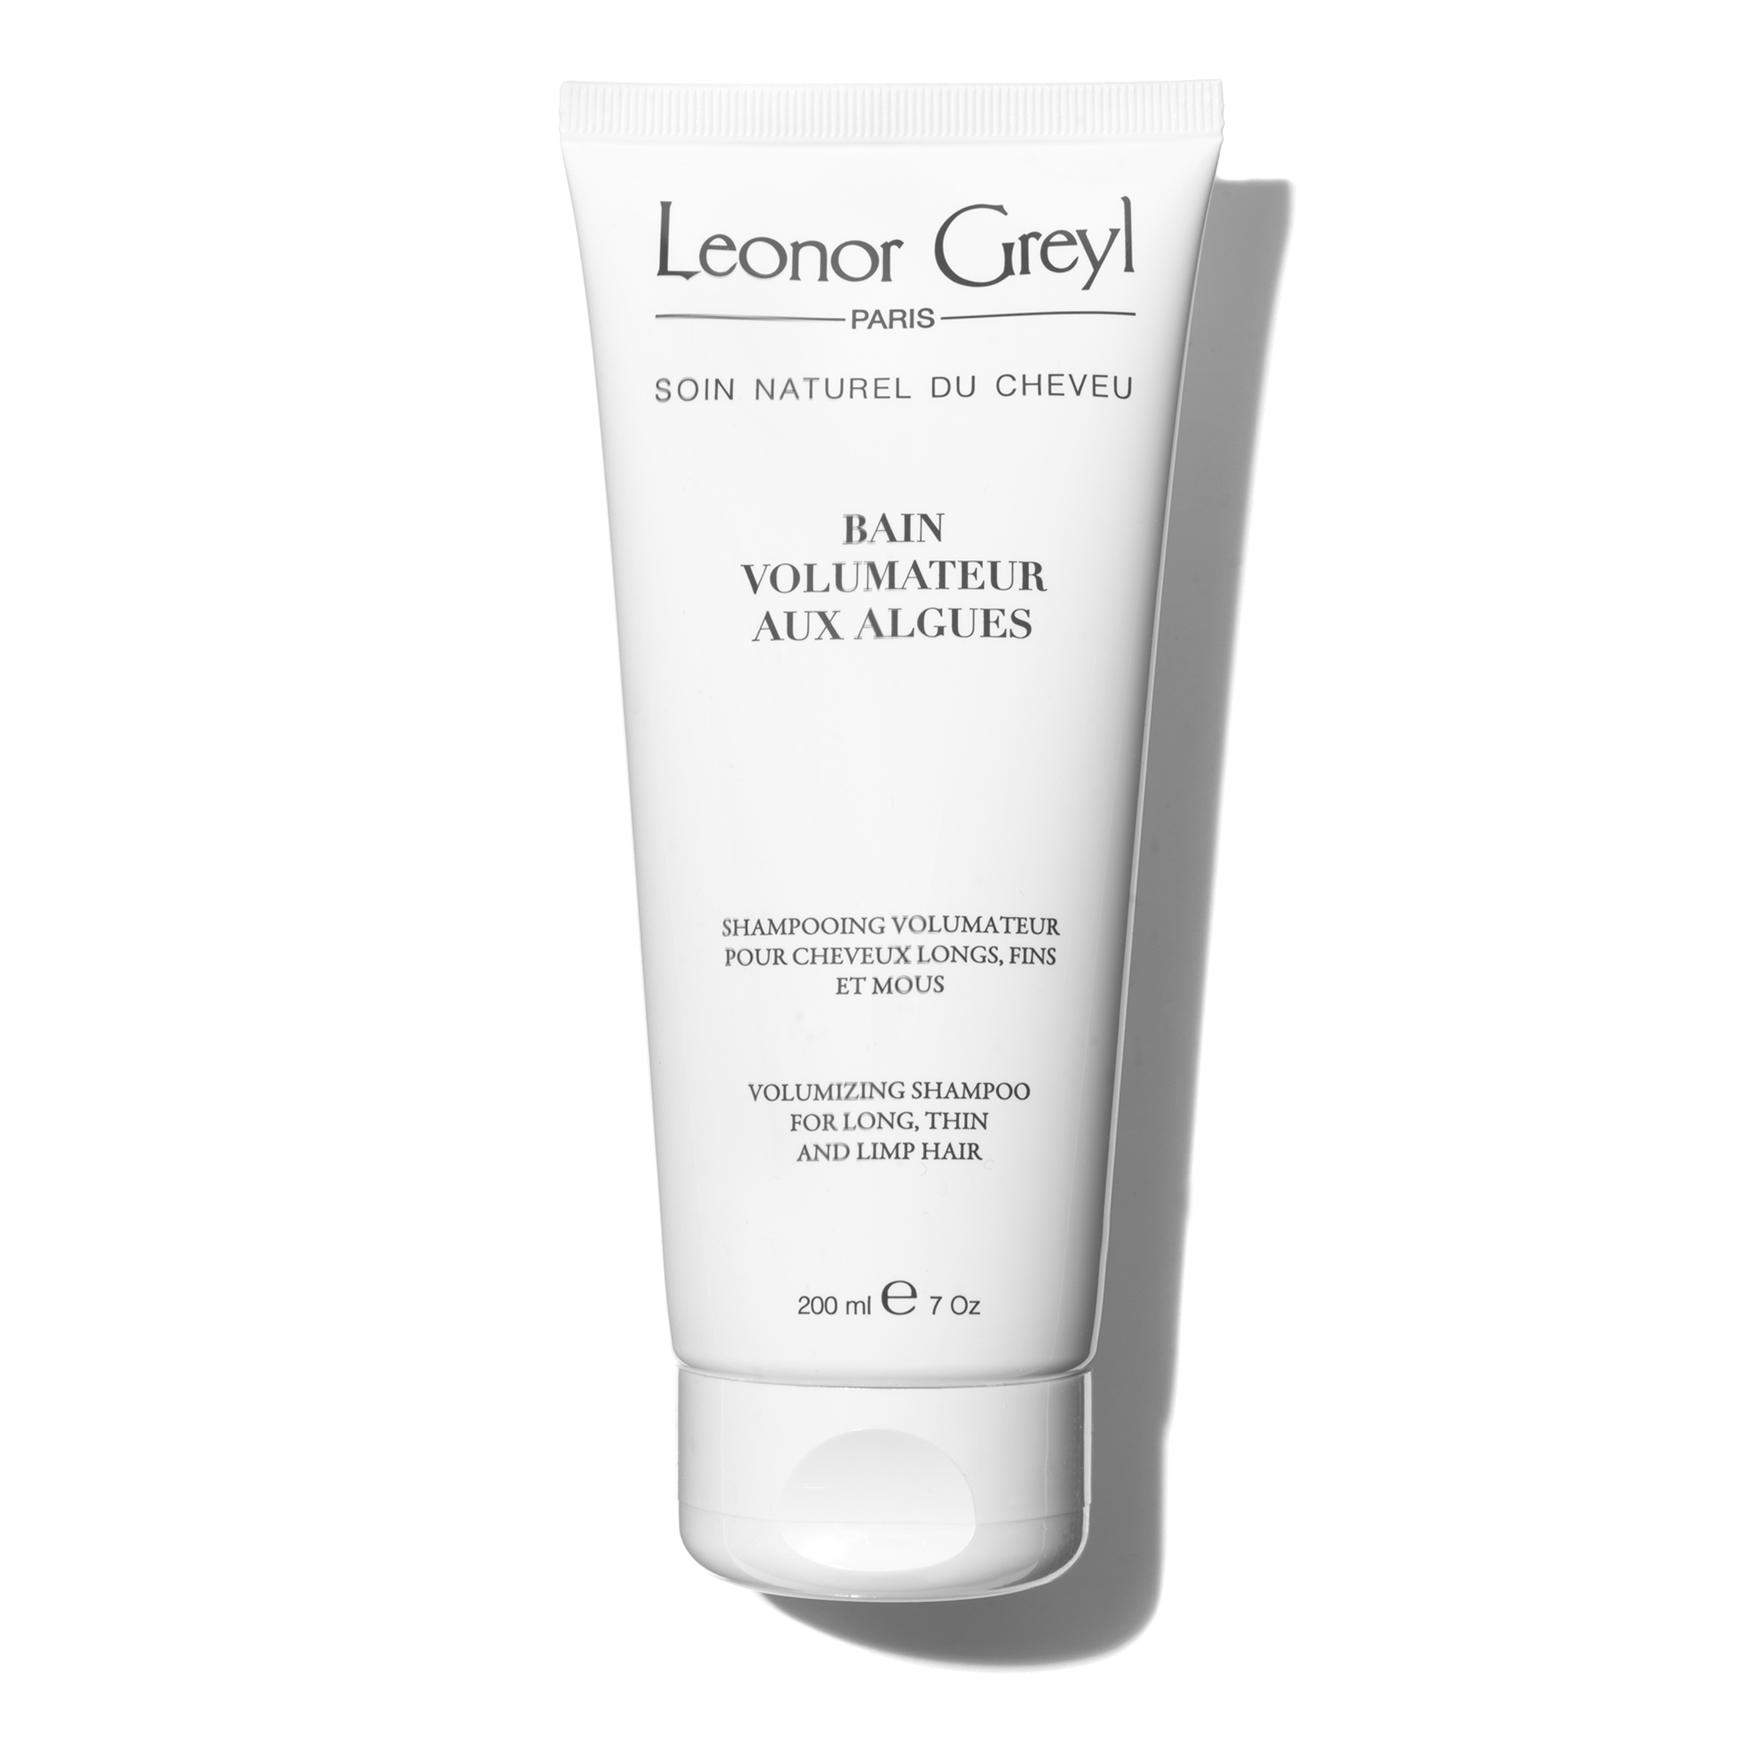 Bain Volumateur aux Algues - Volumising Shampoo for Fine, Limp Hair, , large